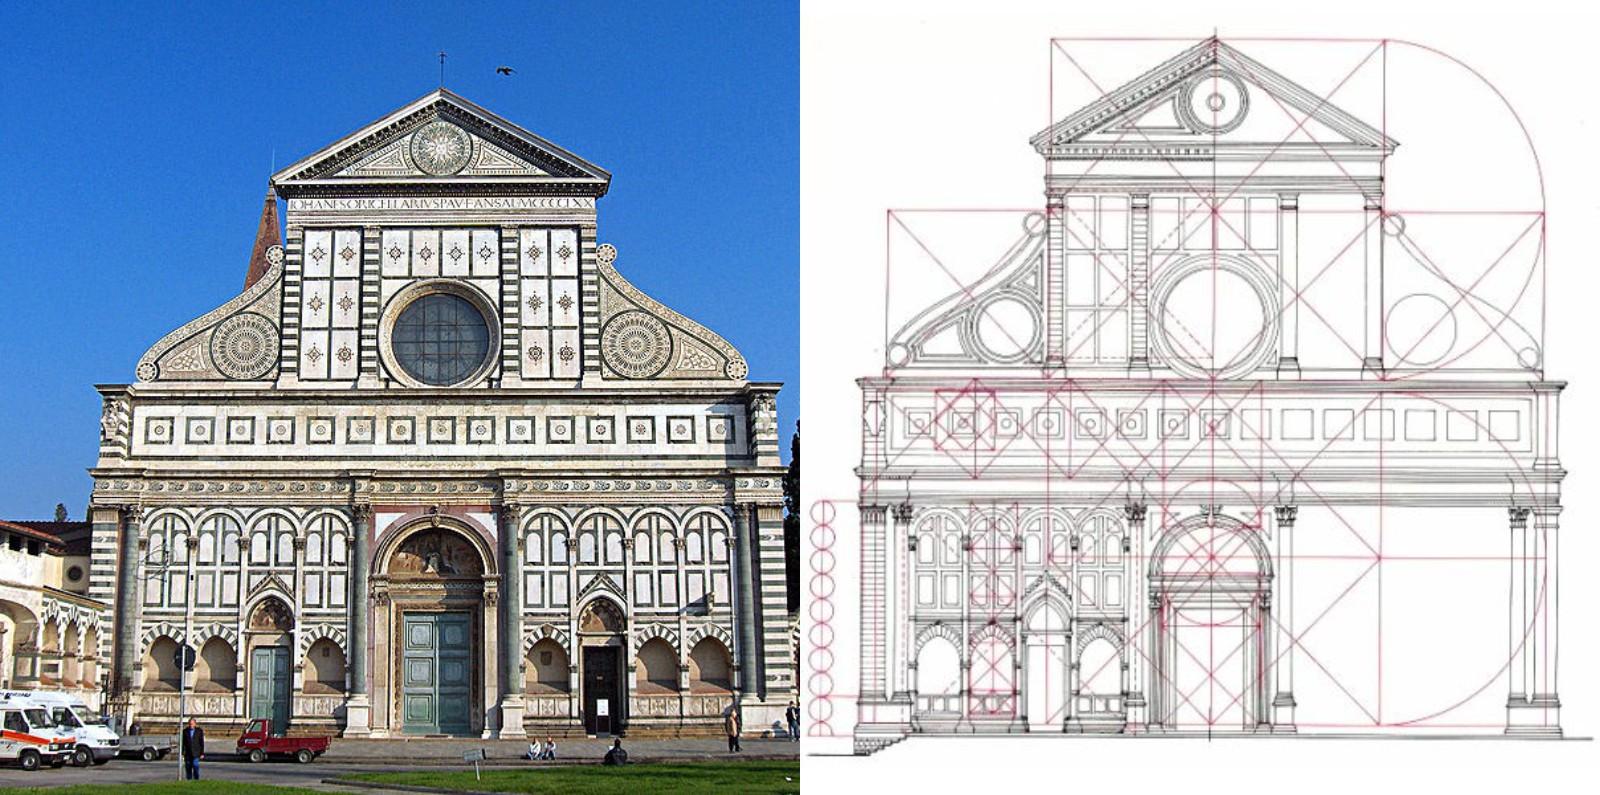 Mặt tiền của nhà thờ Santa Maria Novella, được hoàn thành bởi Leon Battista Alberti vào năm 1470, ở Florence, Ý (Ảnh: Georges Jansoone, giấy phép Creative common - CC)